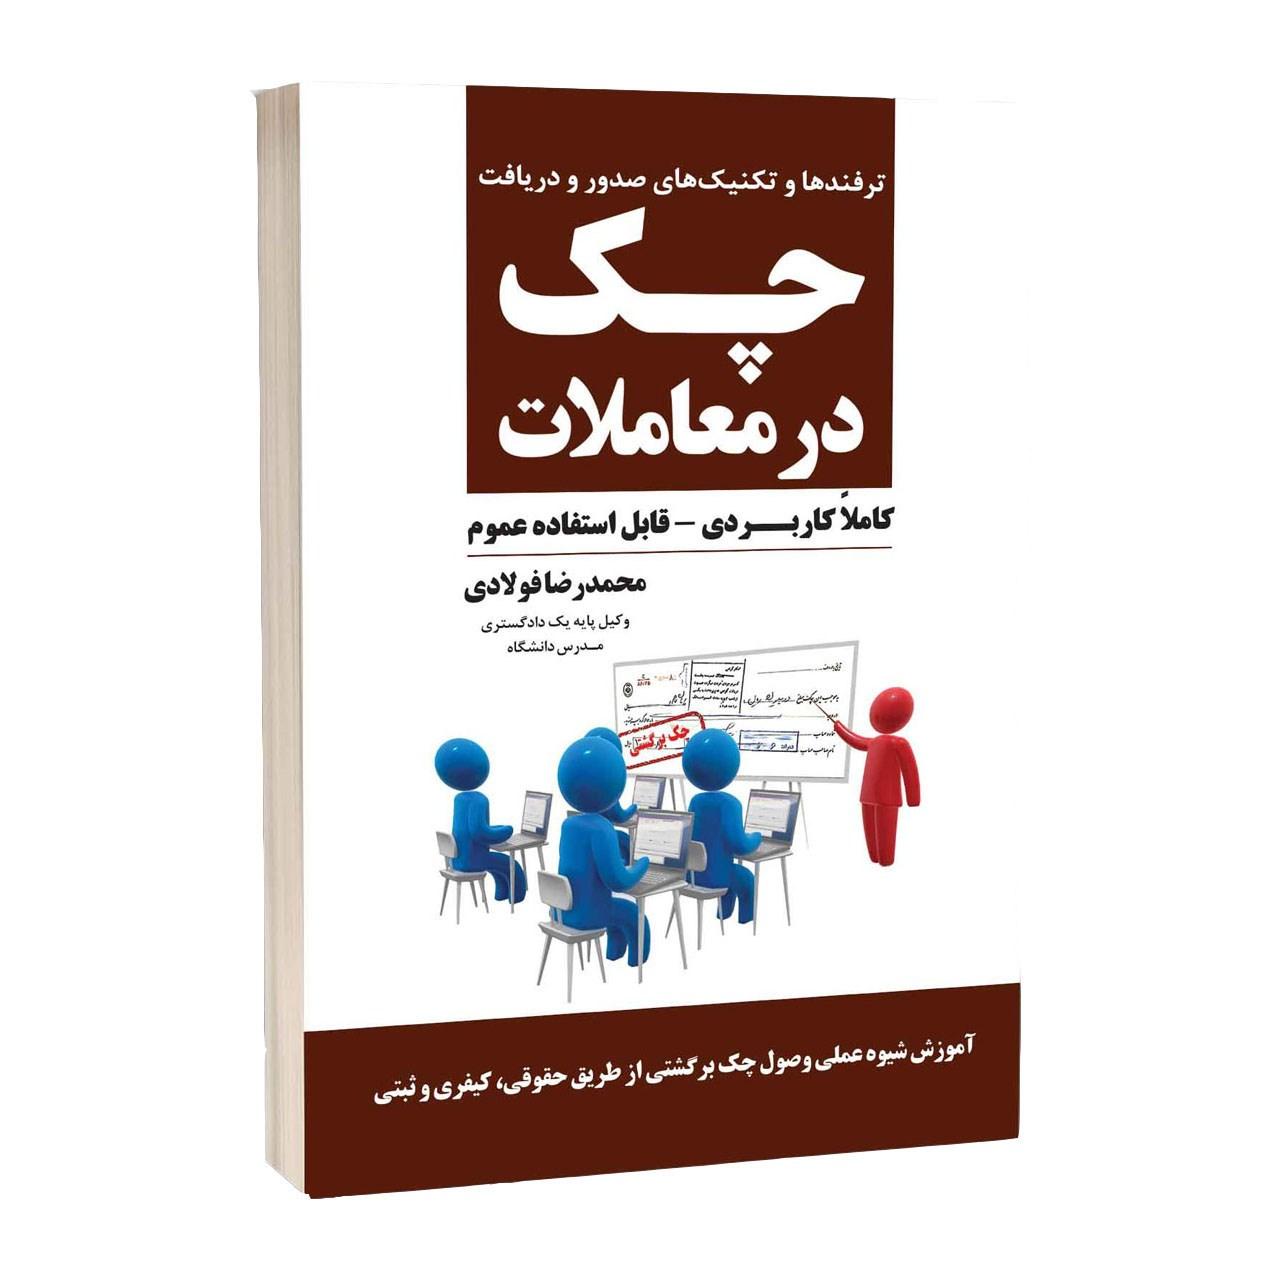 کتاب ترفندها و تکنیک های صدور و دریافت چک در معاملات اثر محمدرضا فولادی